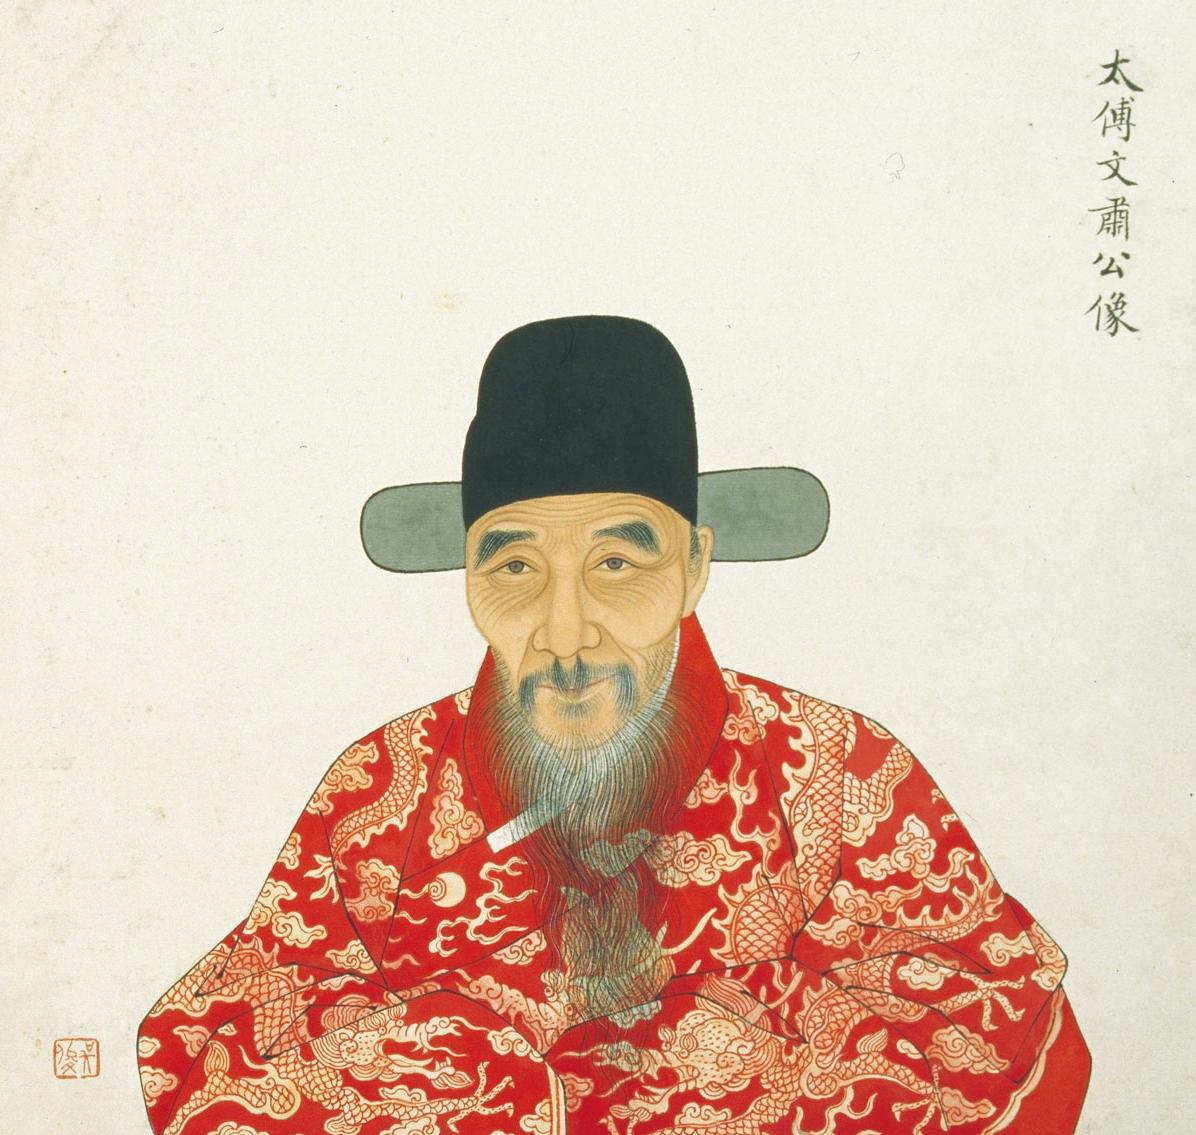 王錫爵 / Wang Xijue